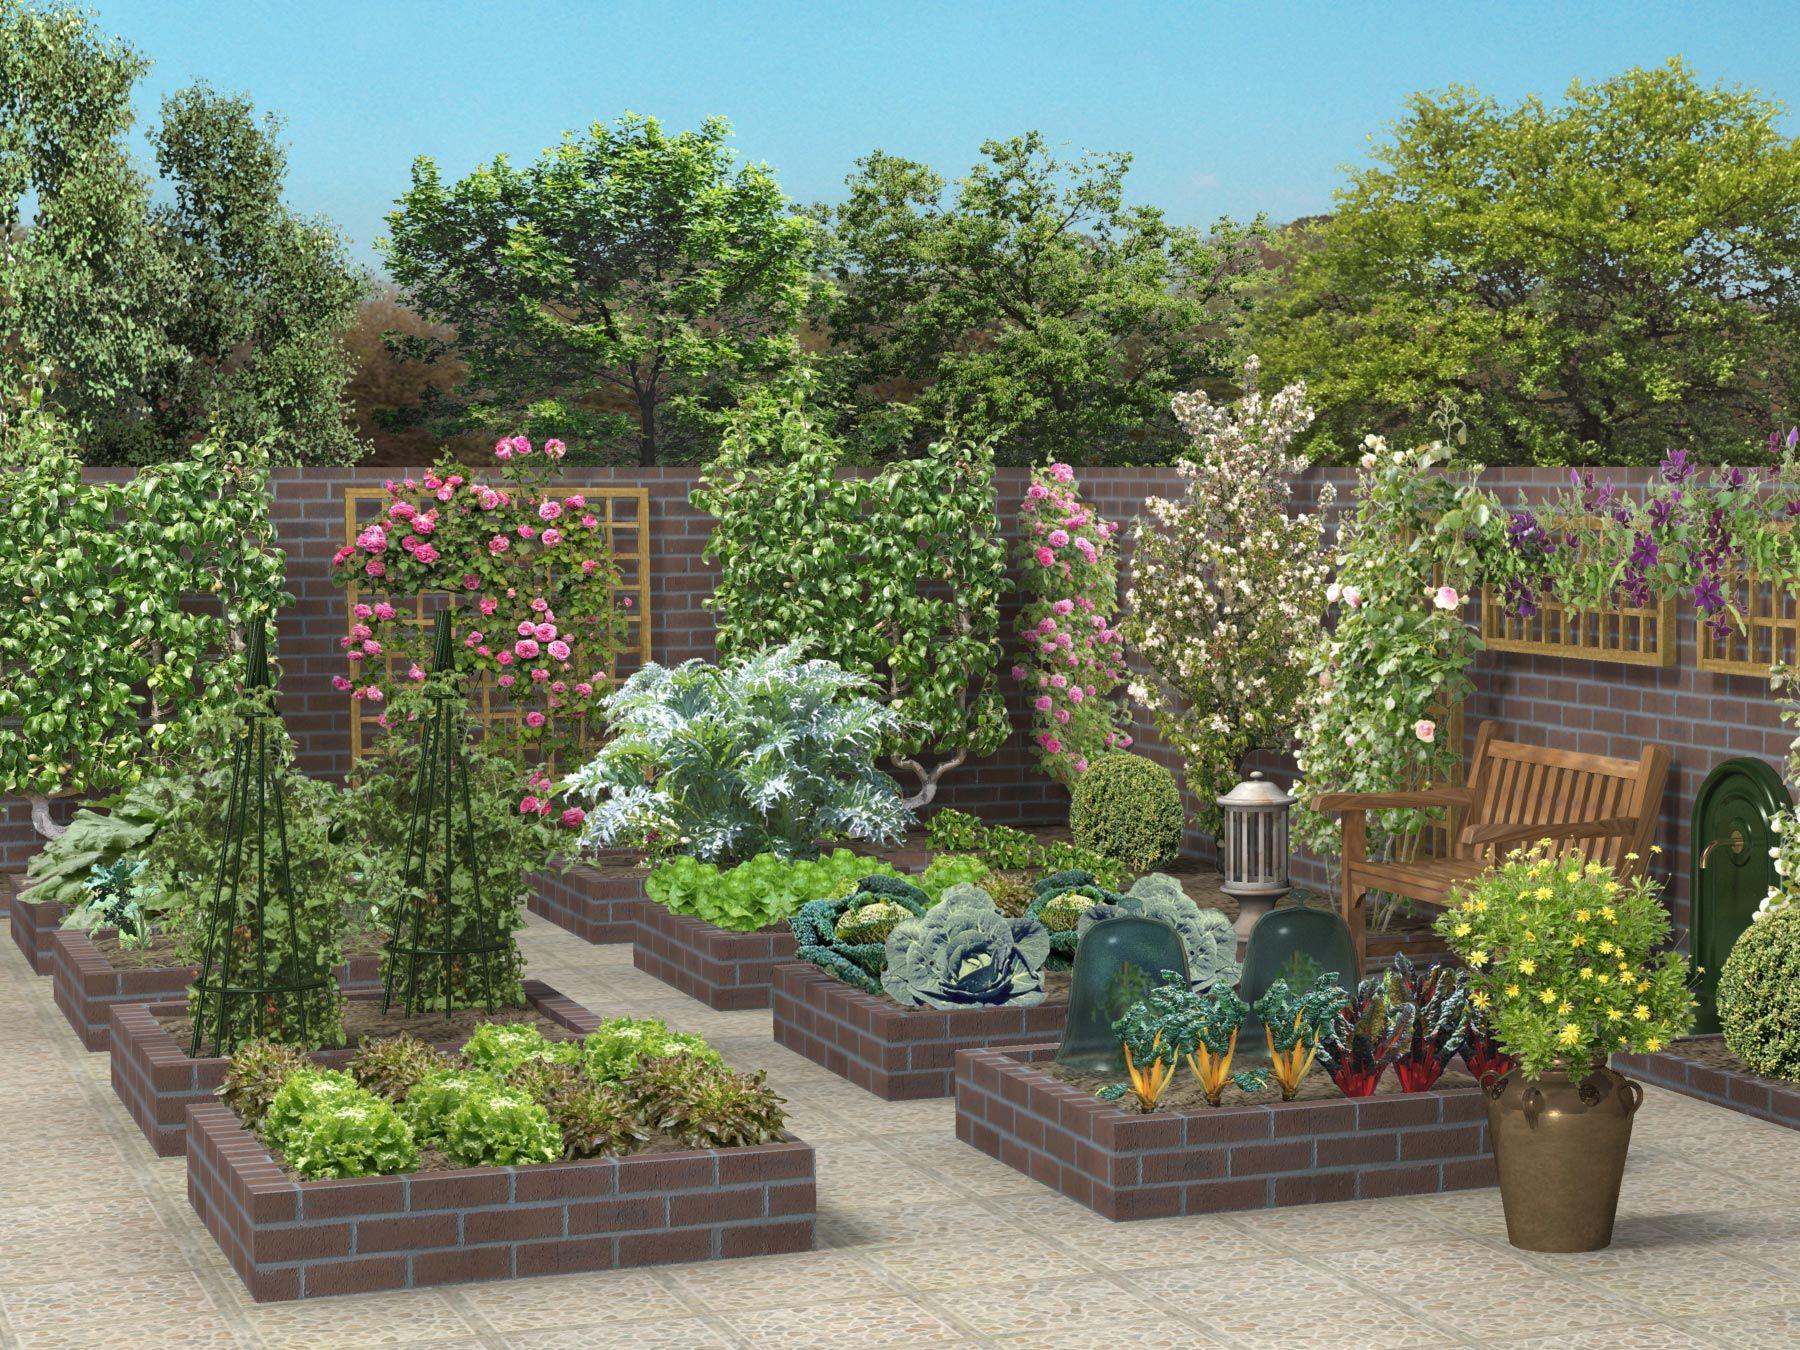 Potager briques rouges jardin potager jardin potager potager et plan jardin - Carre de jardin potager ...